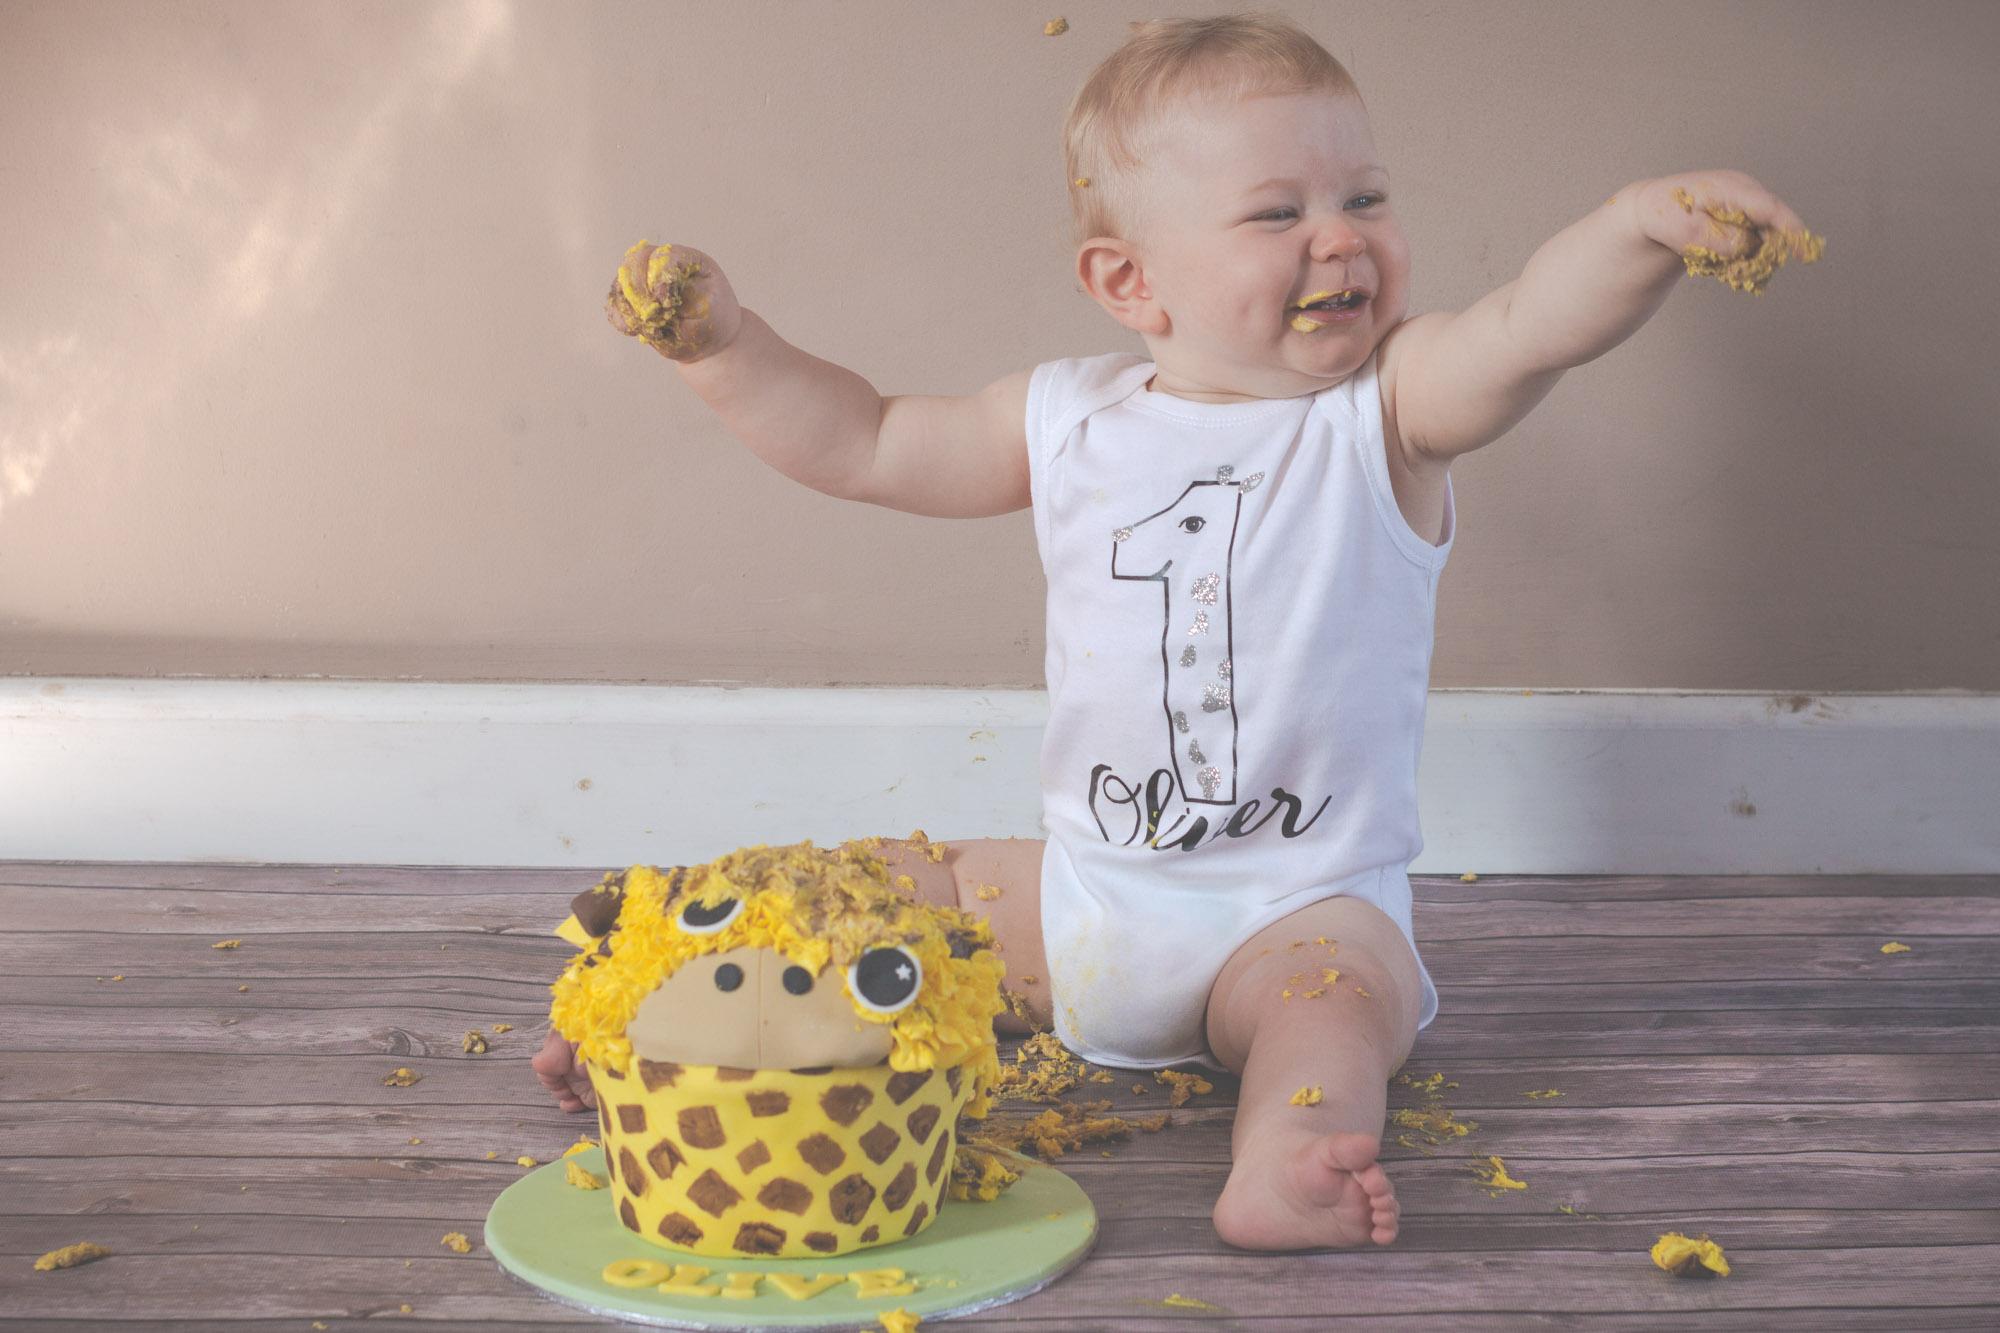 cake-smash-splash-cakey-baby-keighley-skipton-3